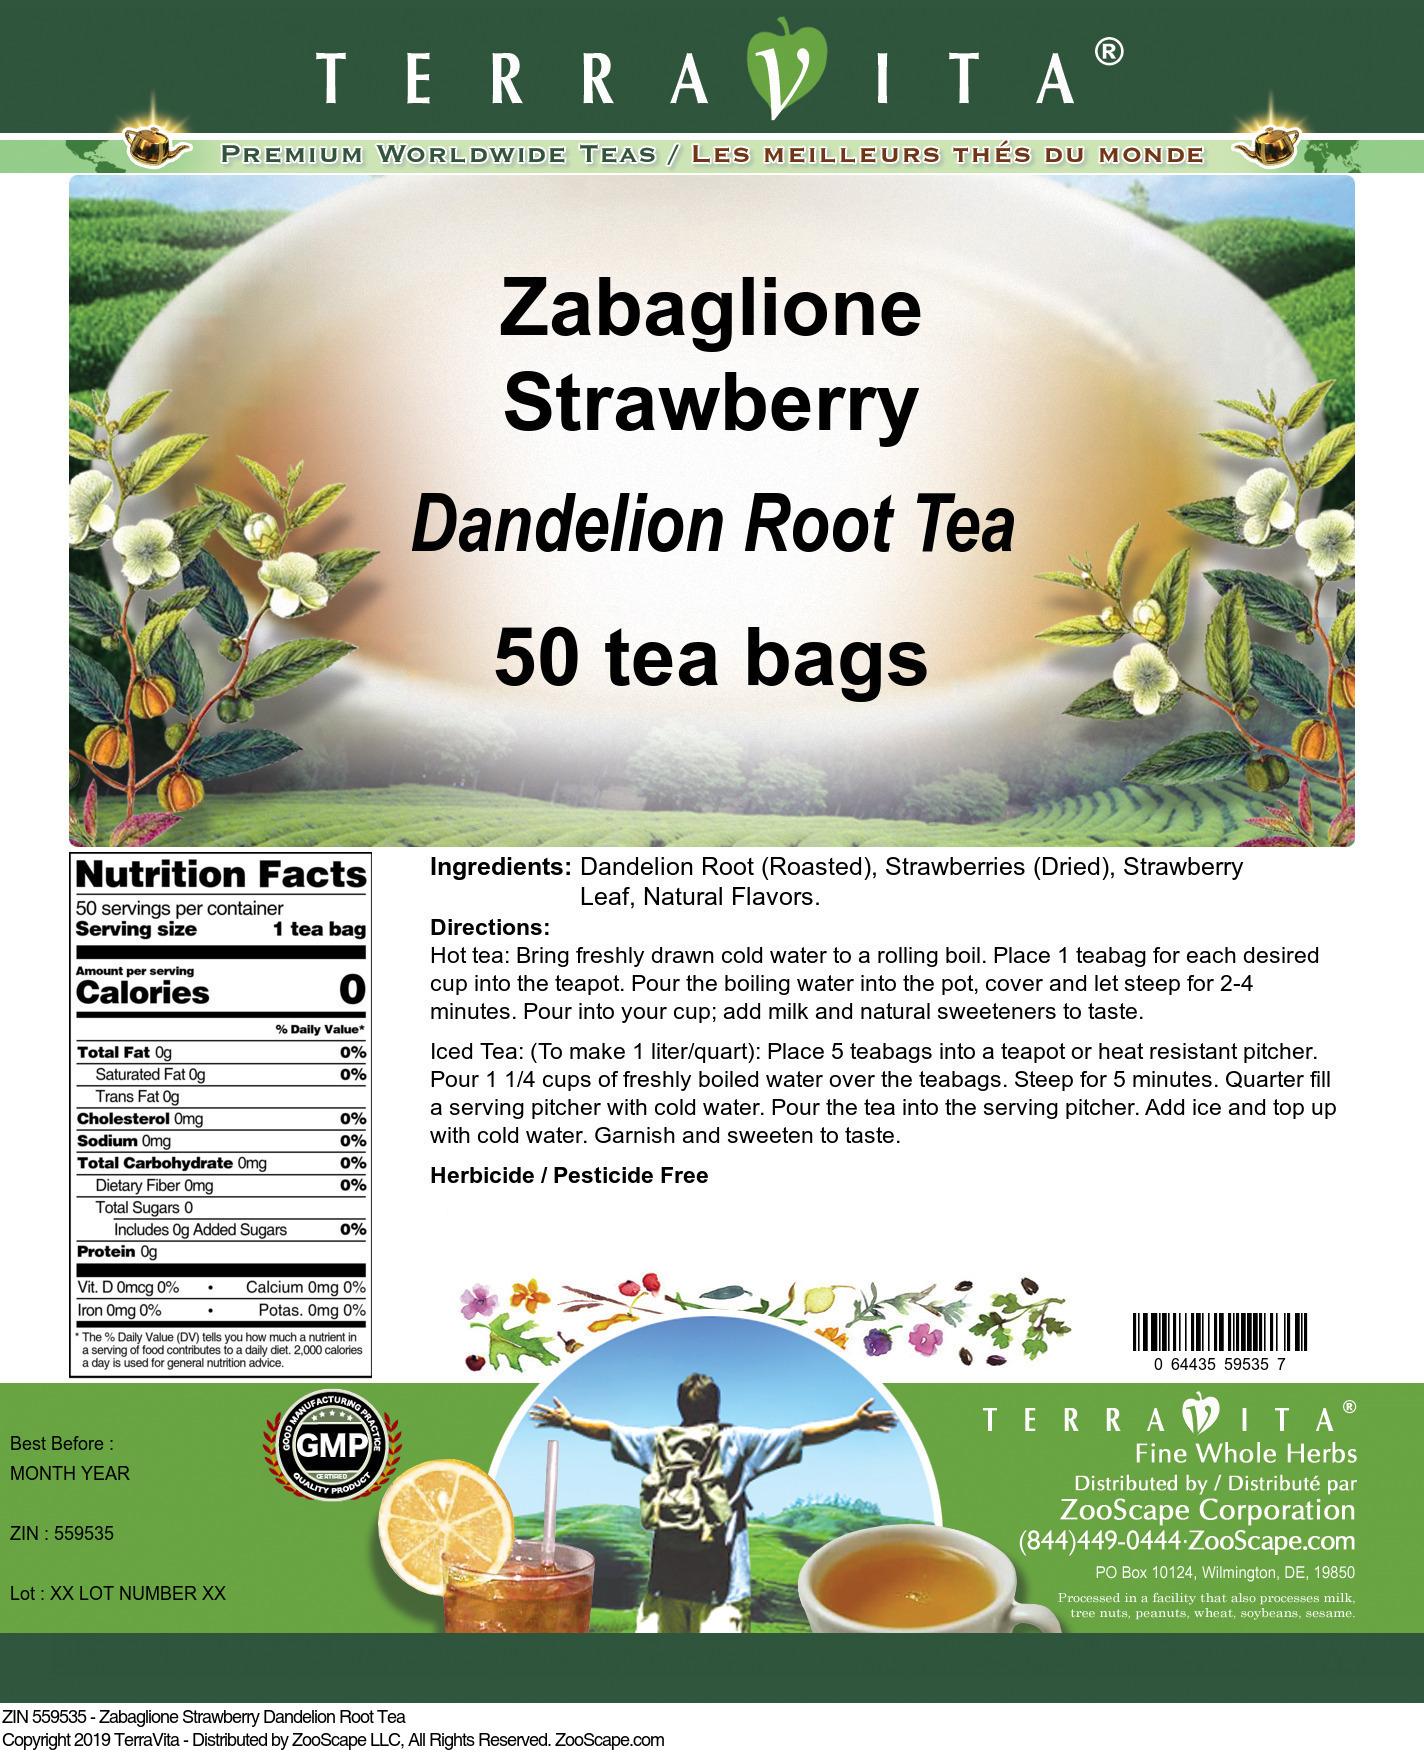 Zabaglione Strawberry Dandelion Root